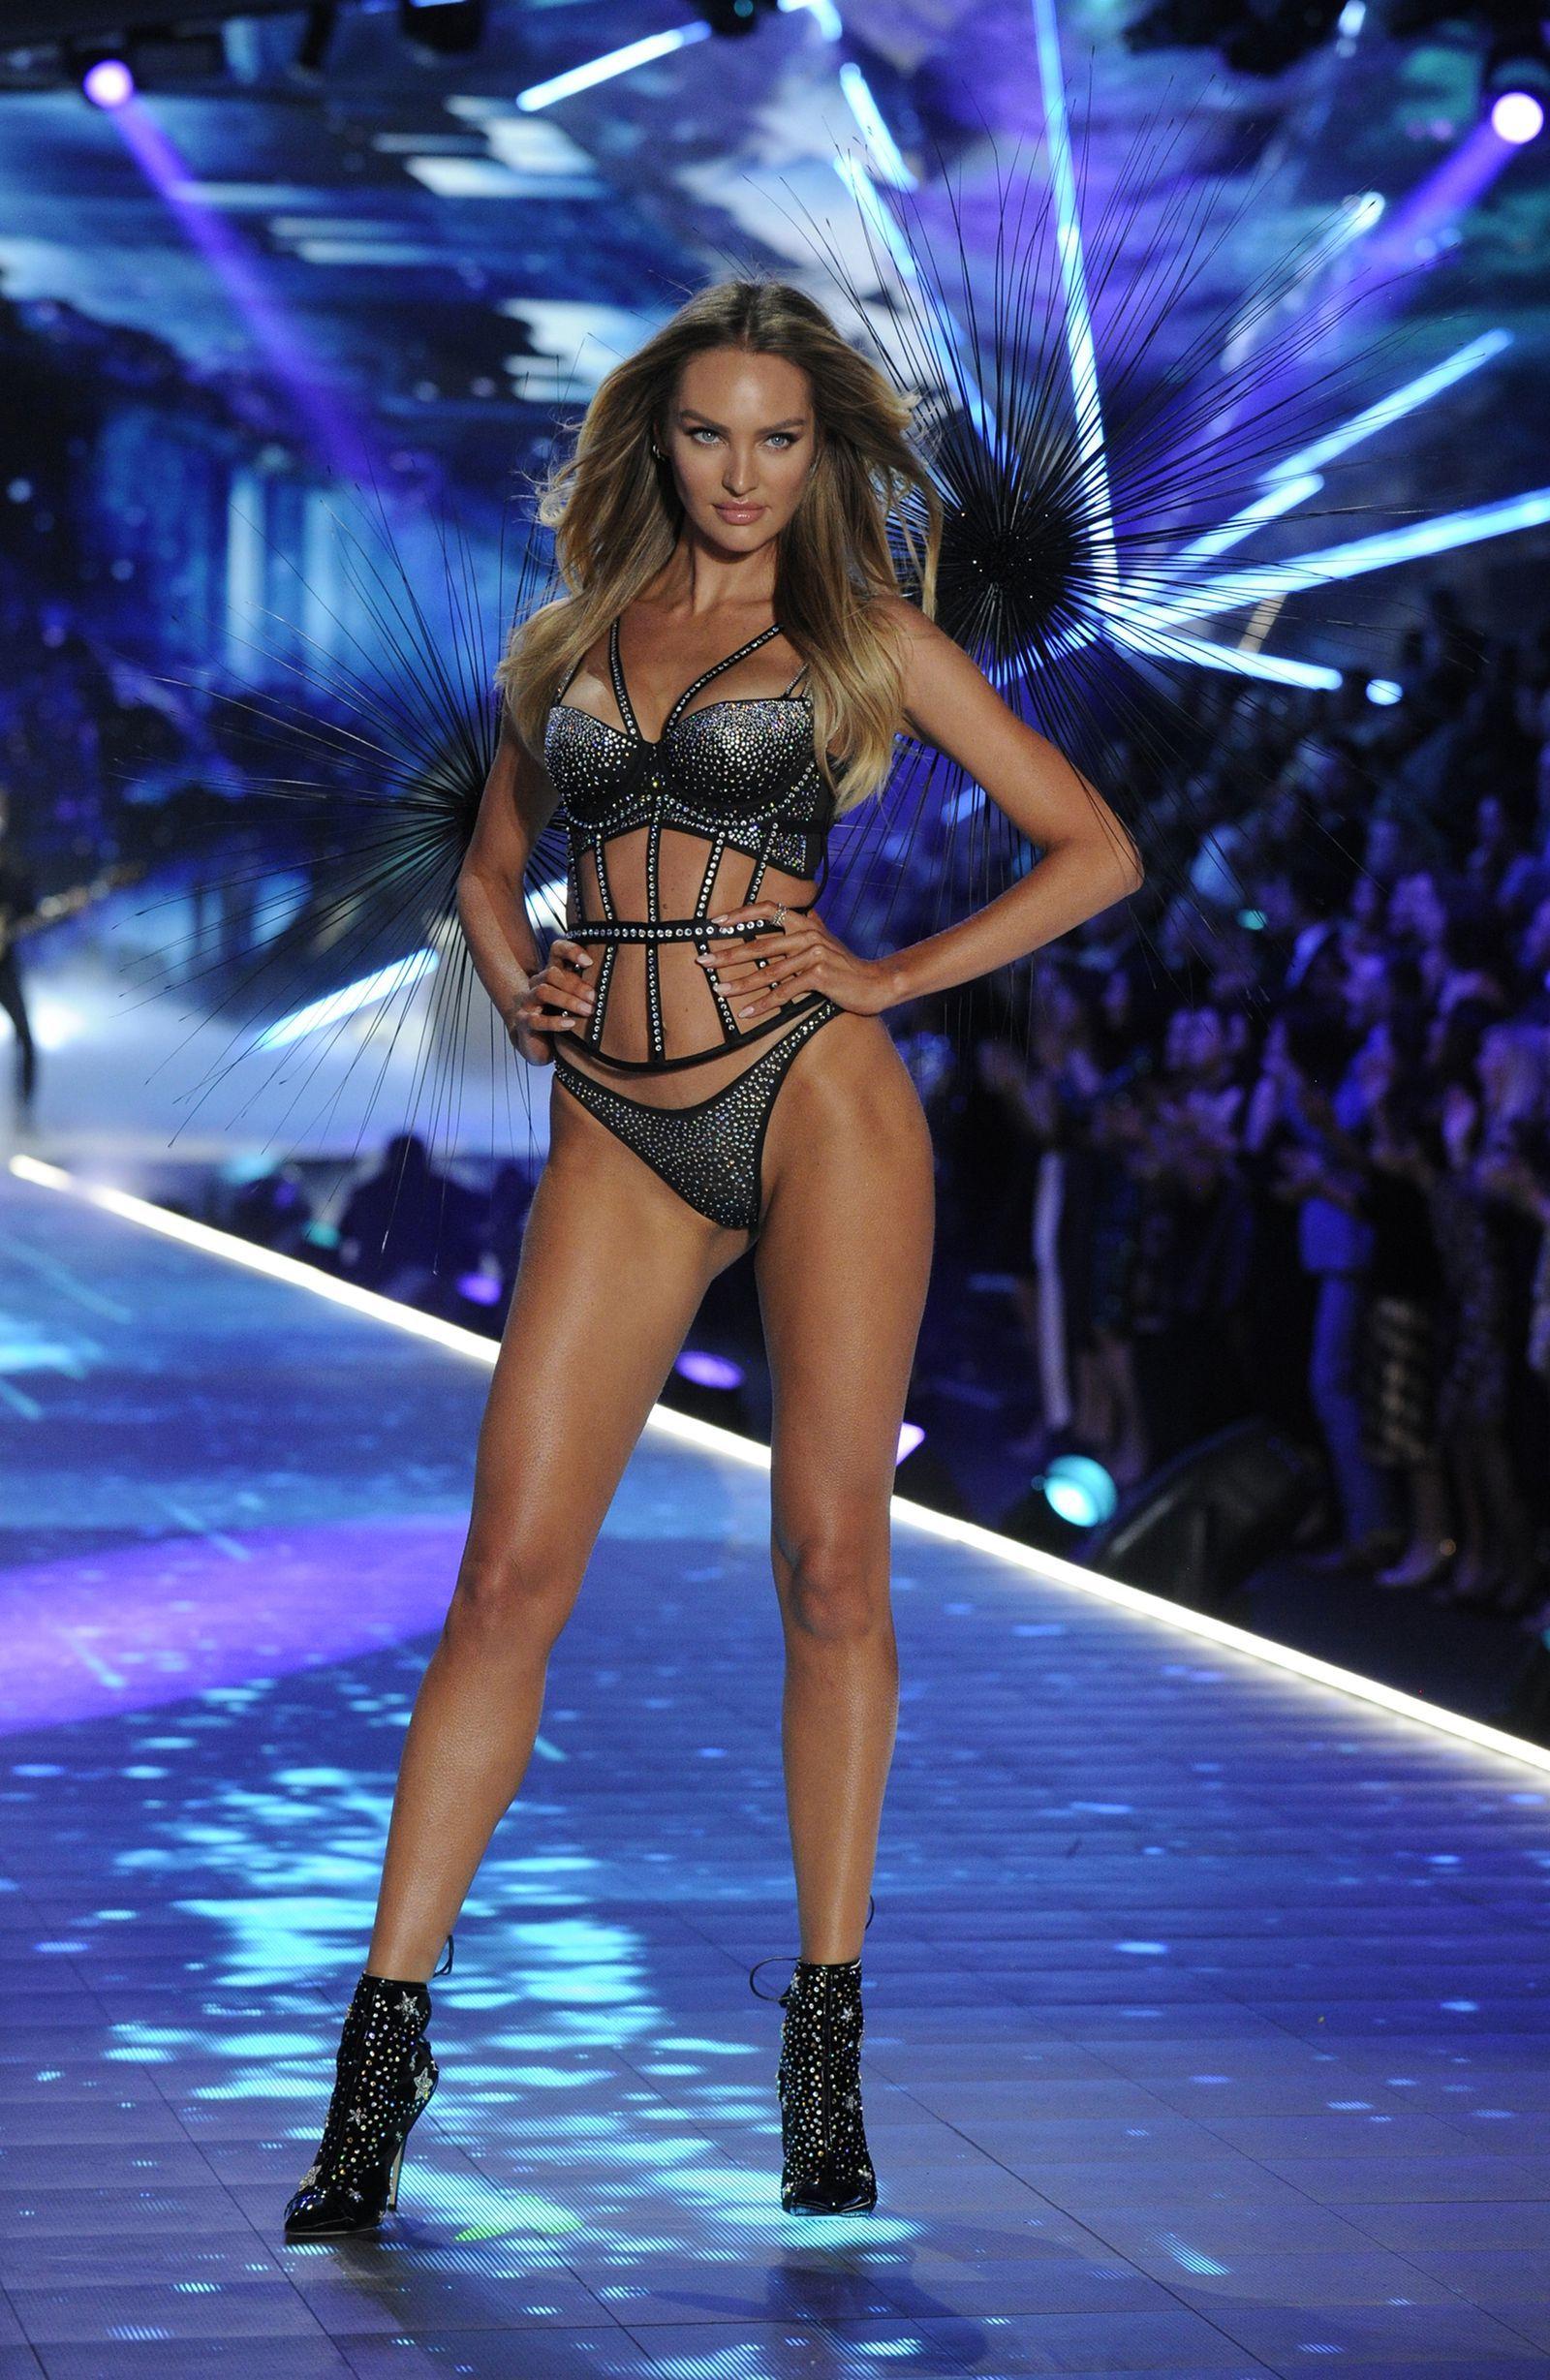 Диеты Моделей Виктории Сикрет. Диета ангела: как худеют модели Victoria's Secret